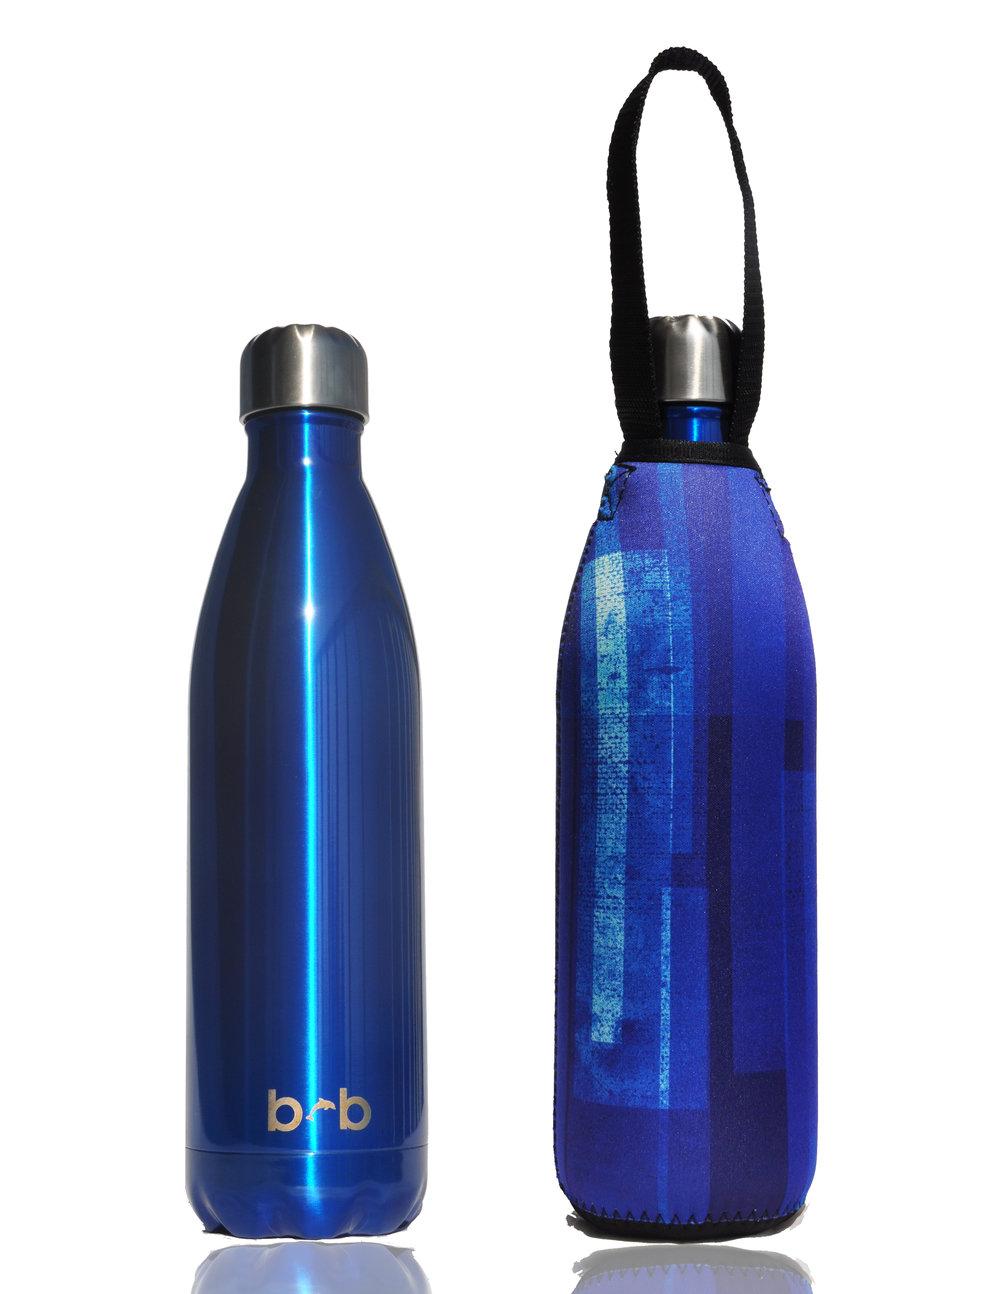 FTRCC-BLBLZ1000-1.jpg